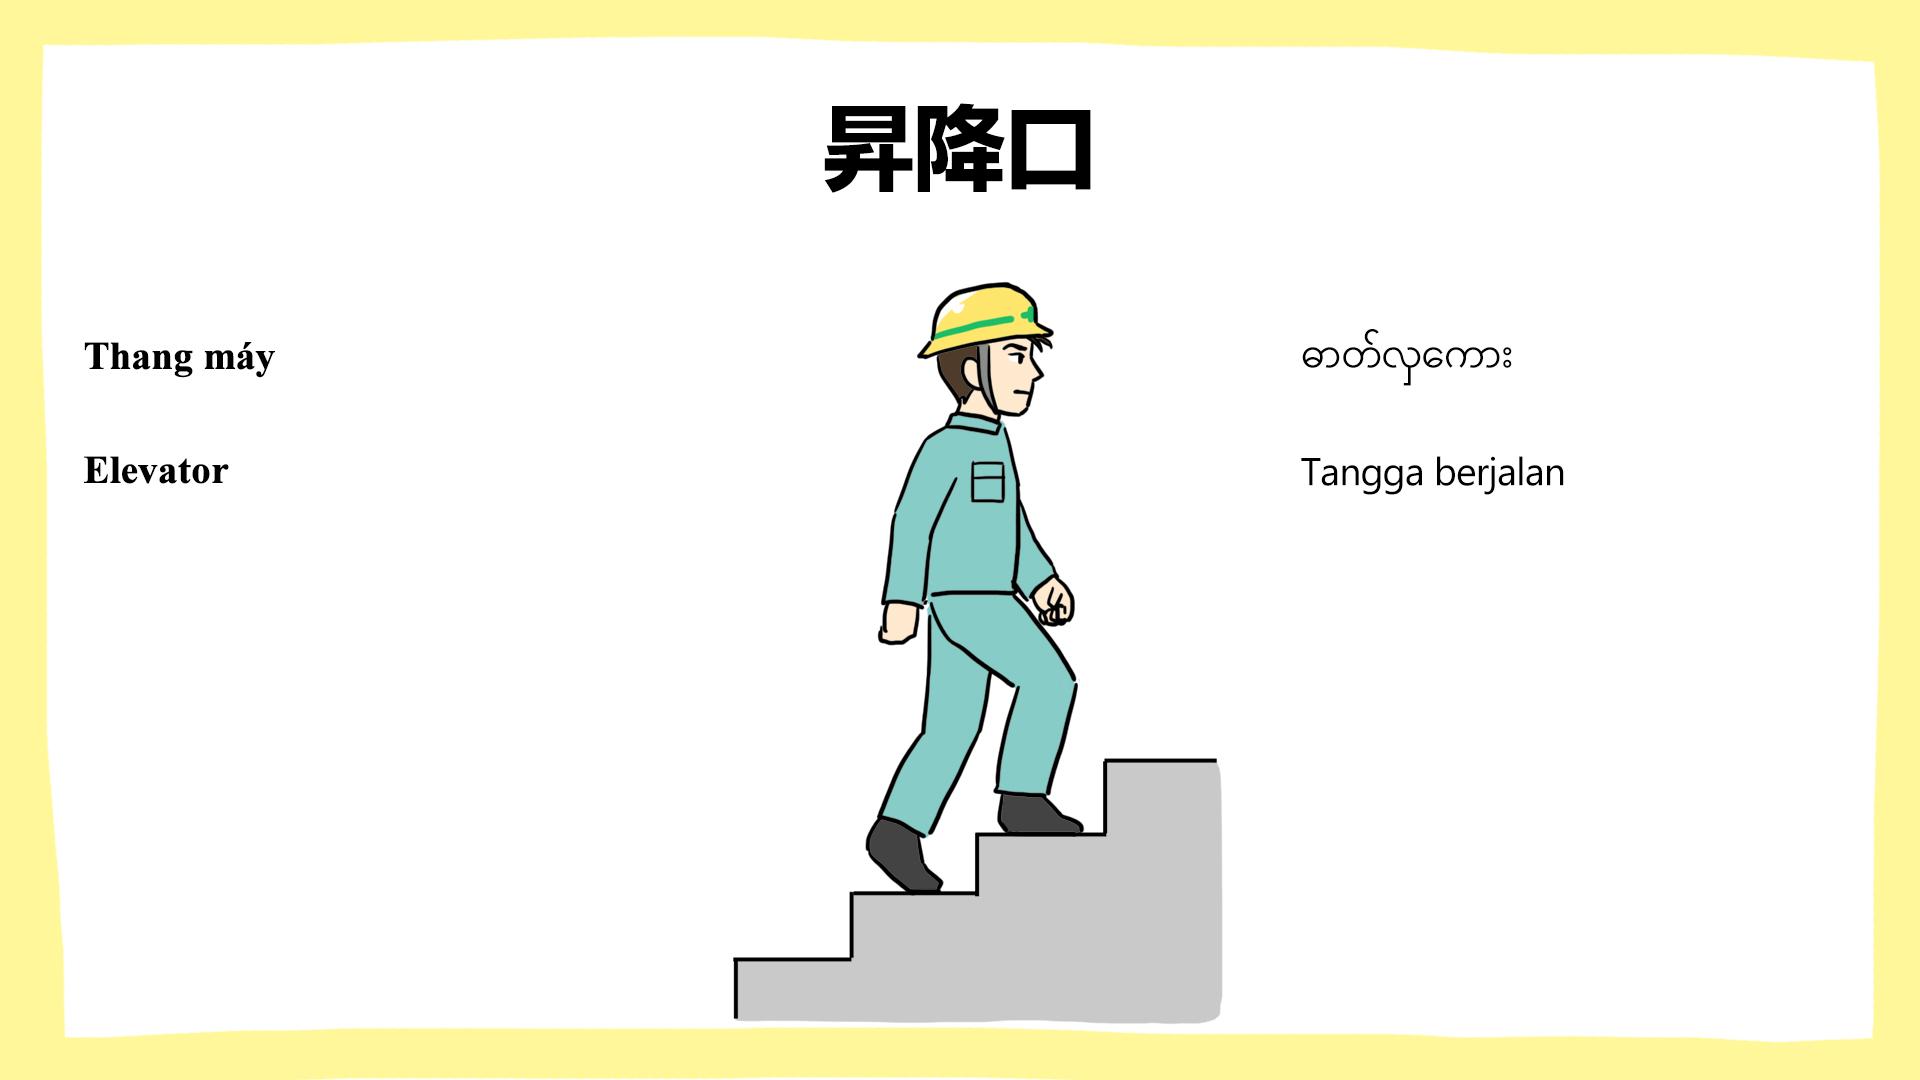 昇降口・建設現場の安全ポスター